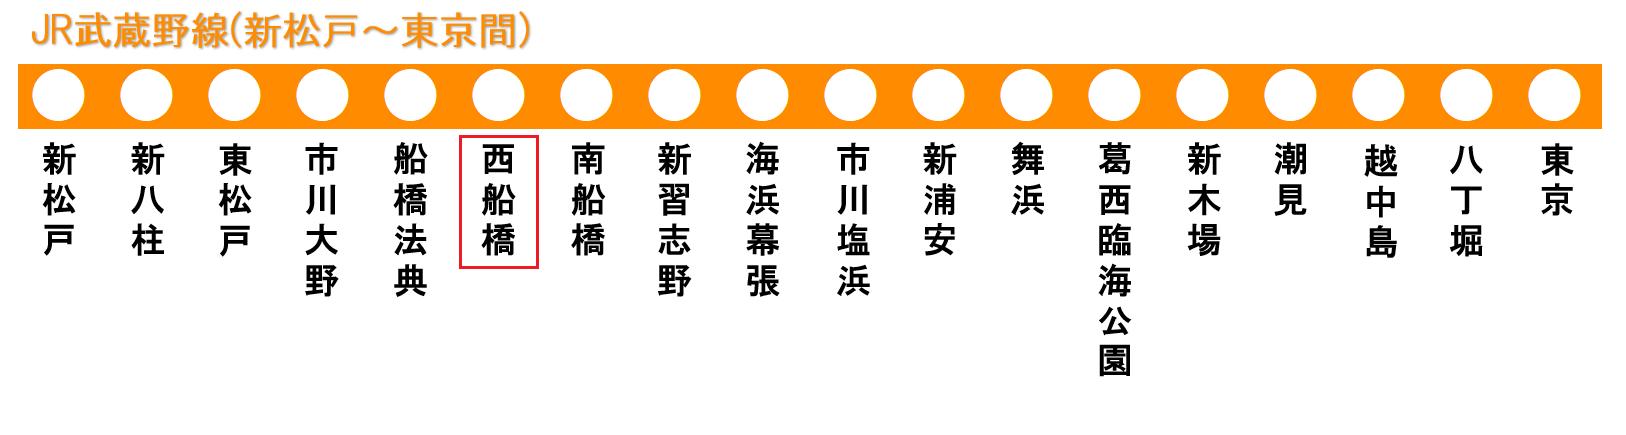 JR武蔵野線の路線図(西船橋駅)